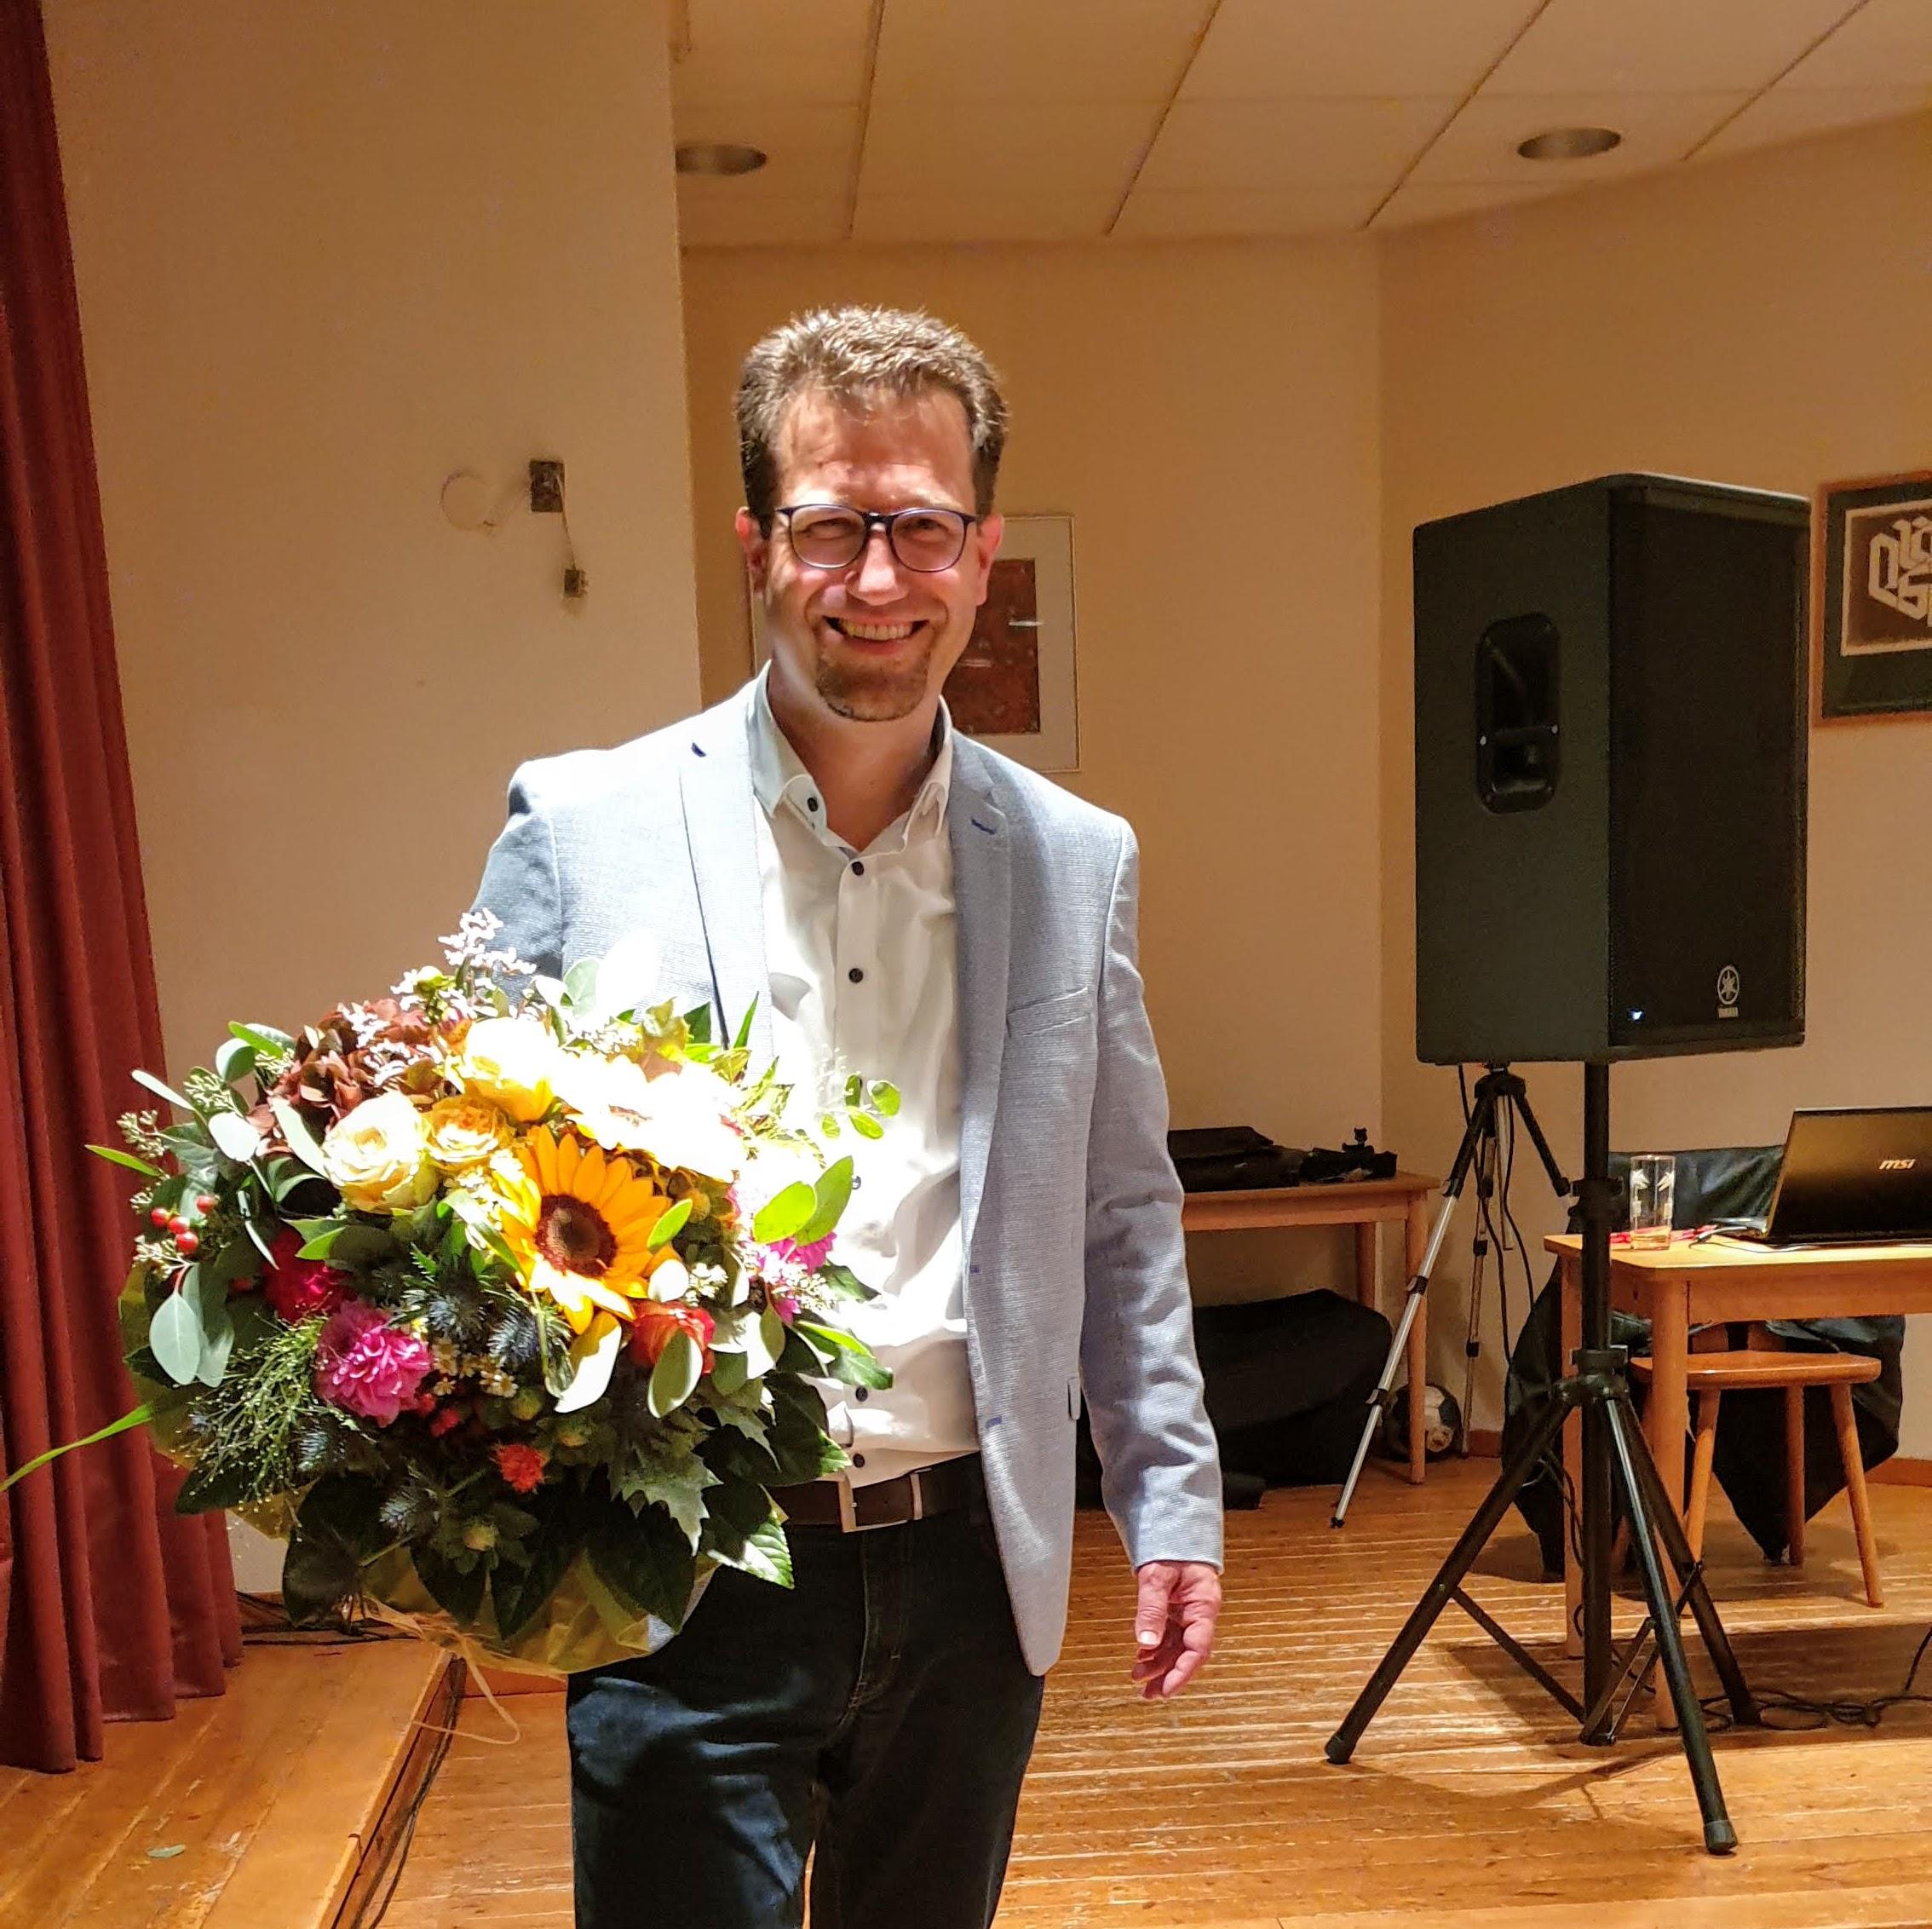 Danke Nettetal! Christian Küsters gewinnt Stichwahl zum Bürgermeister deutlich